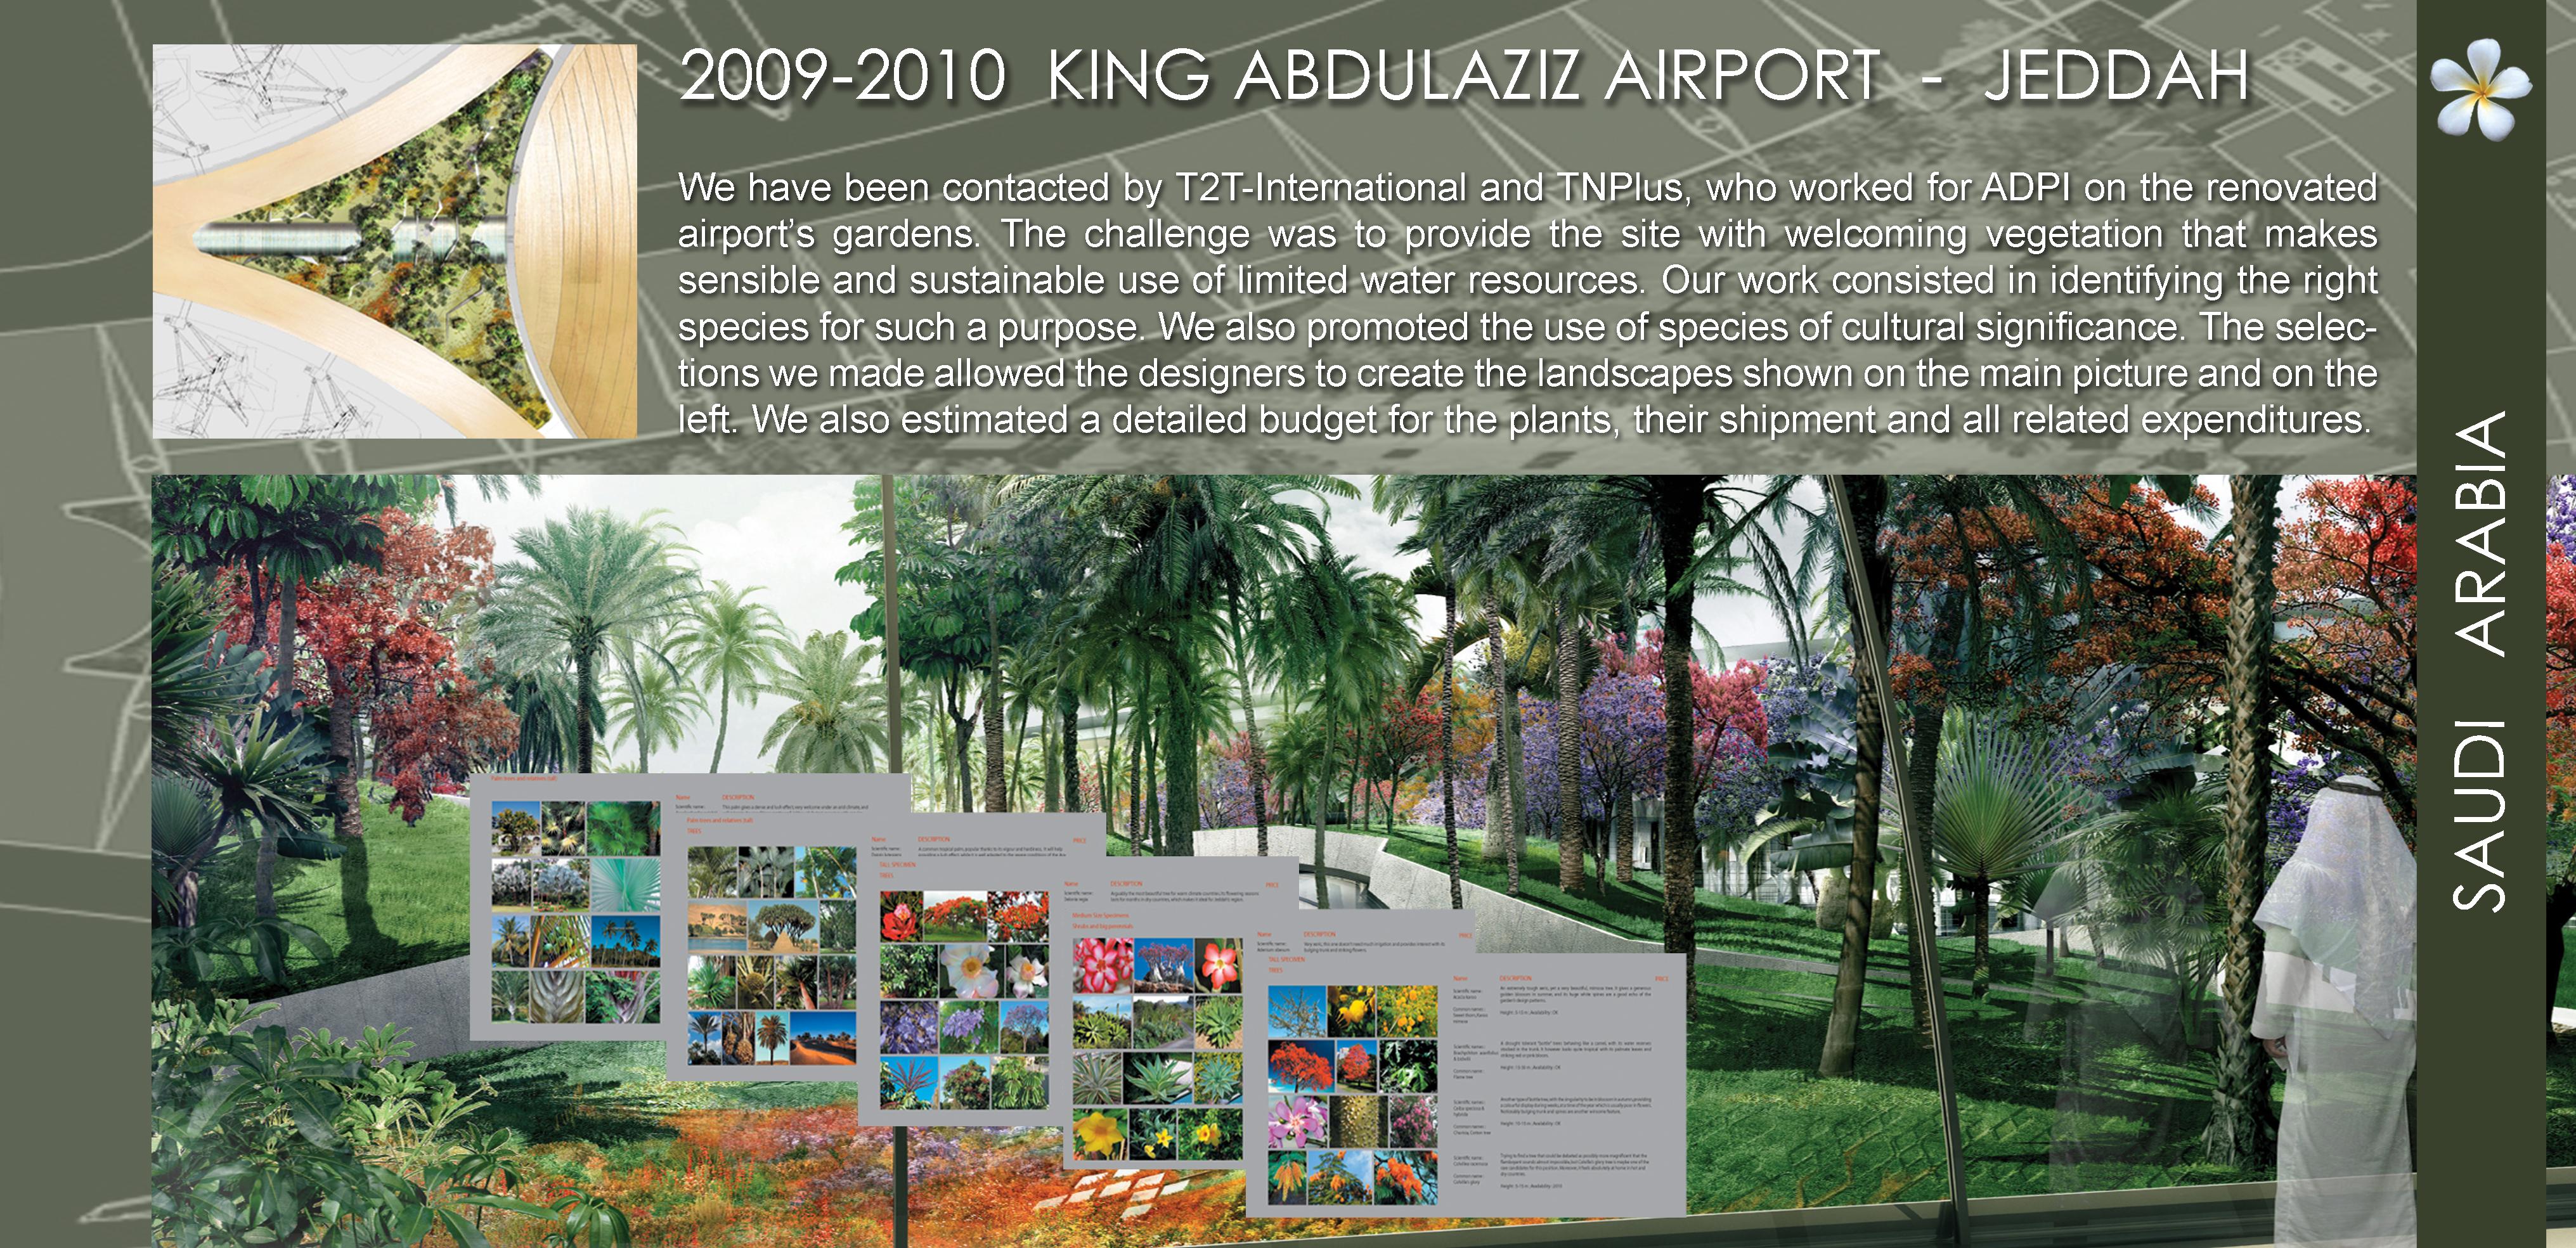 air arabia case study